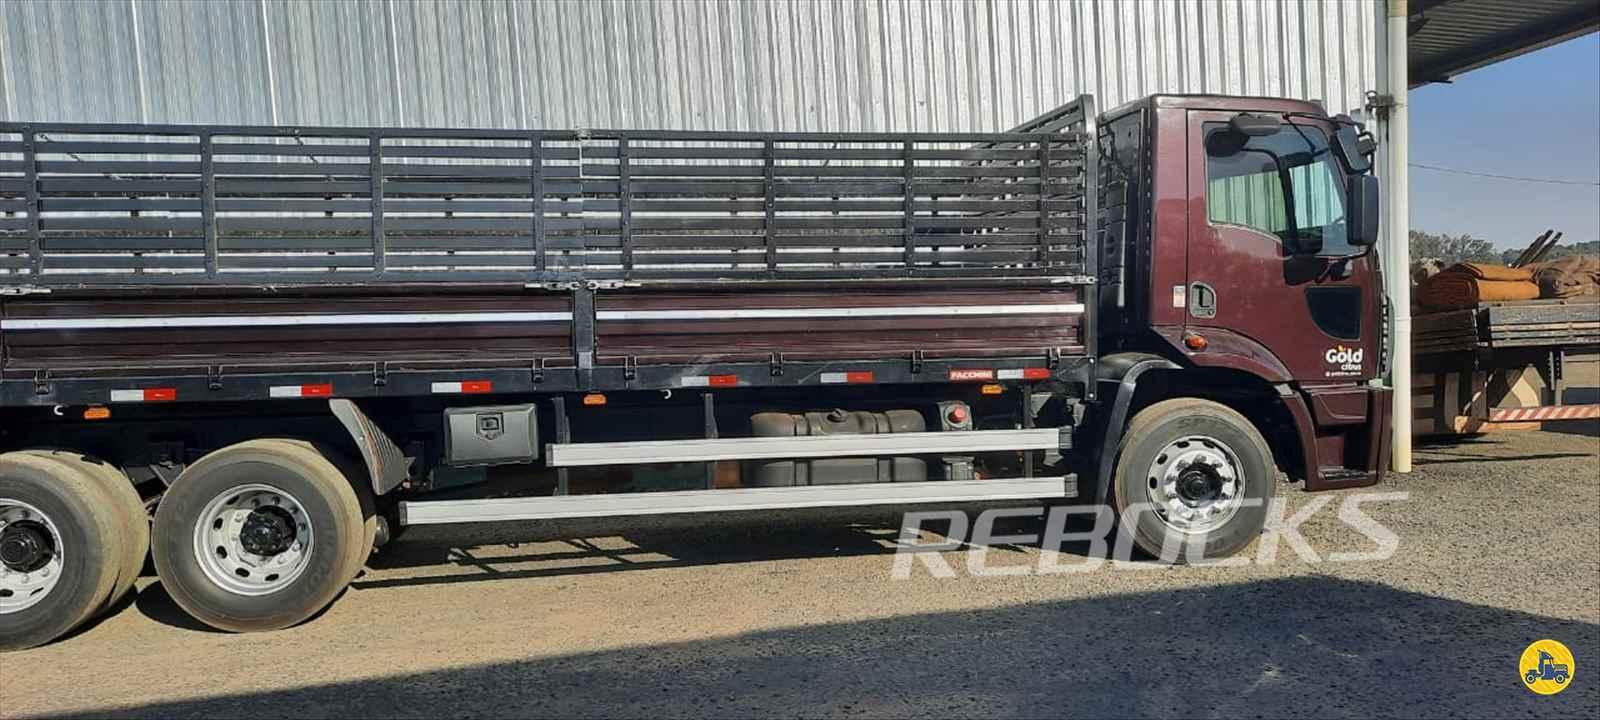 CAMINHAO FORD CARGO 2429 Carga Seca Truck 6x2 Rebocks LIMEIRA SÃO PAULO SP